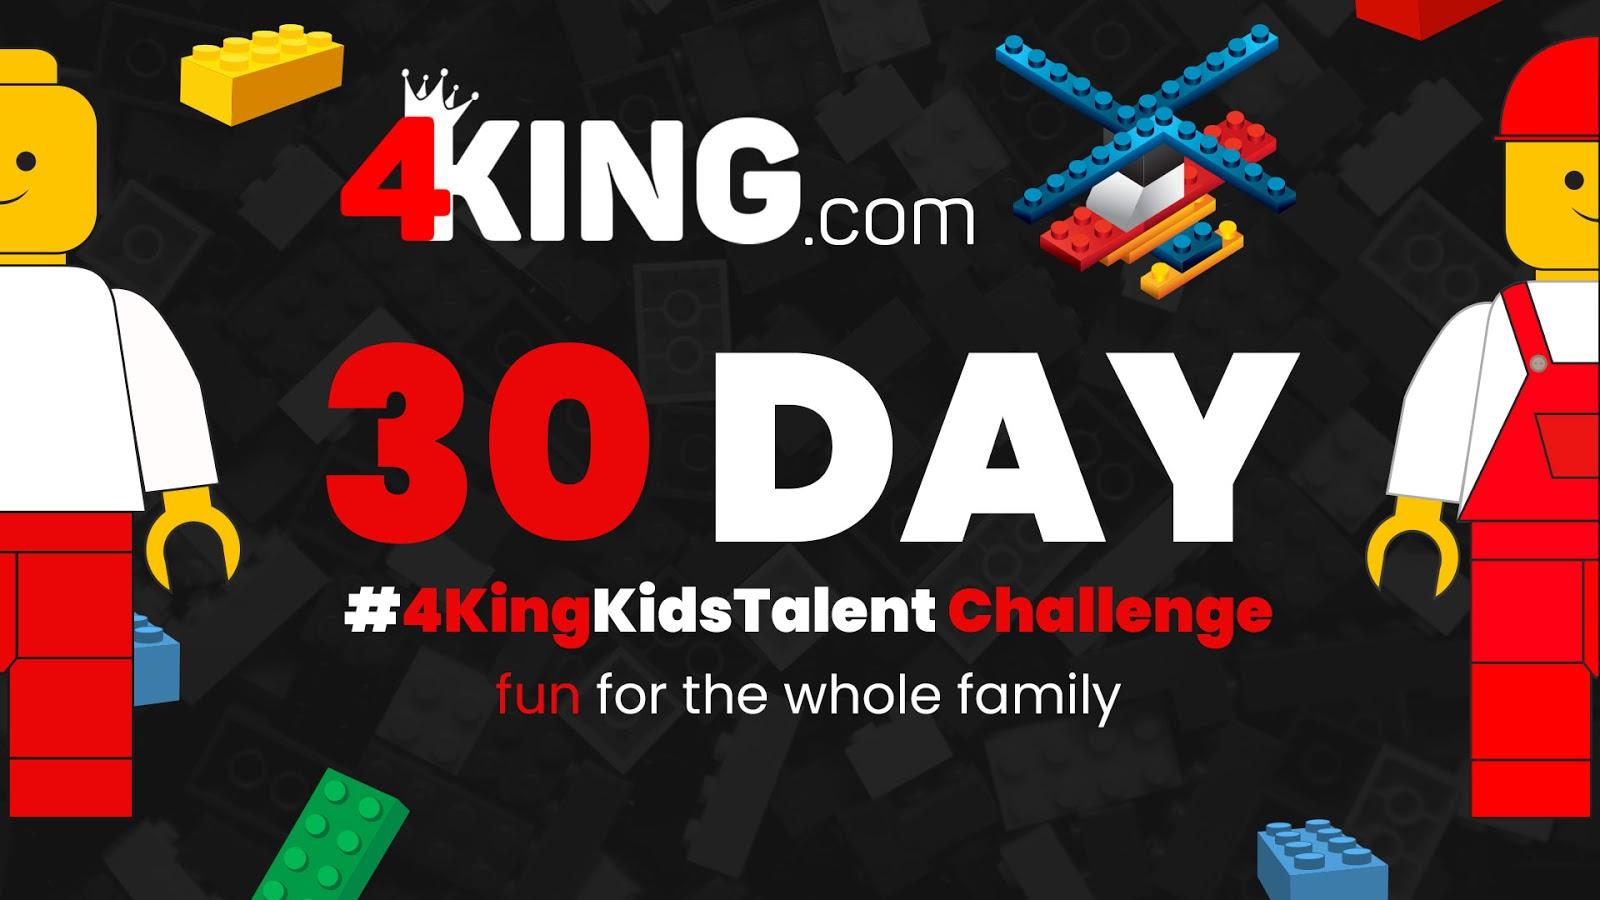 30 Day #4KingKidsTalent Challenge